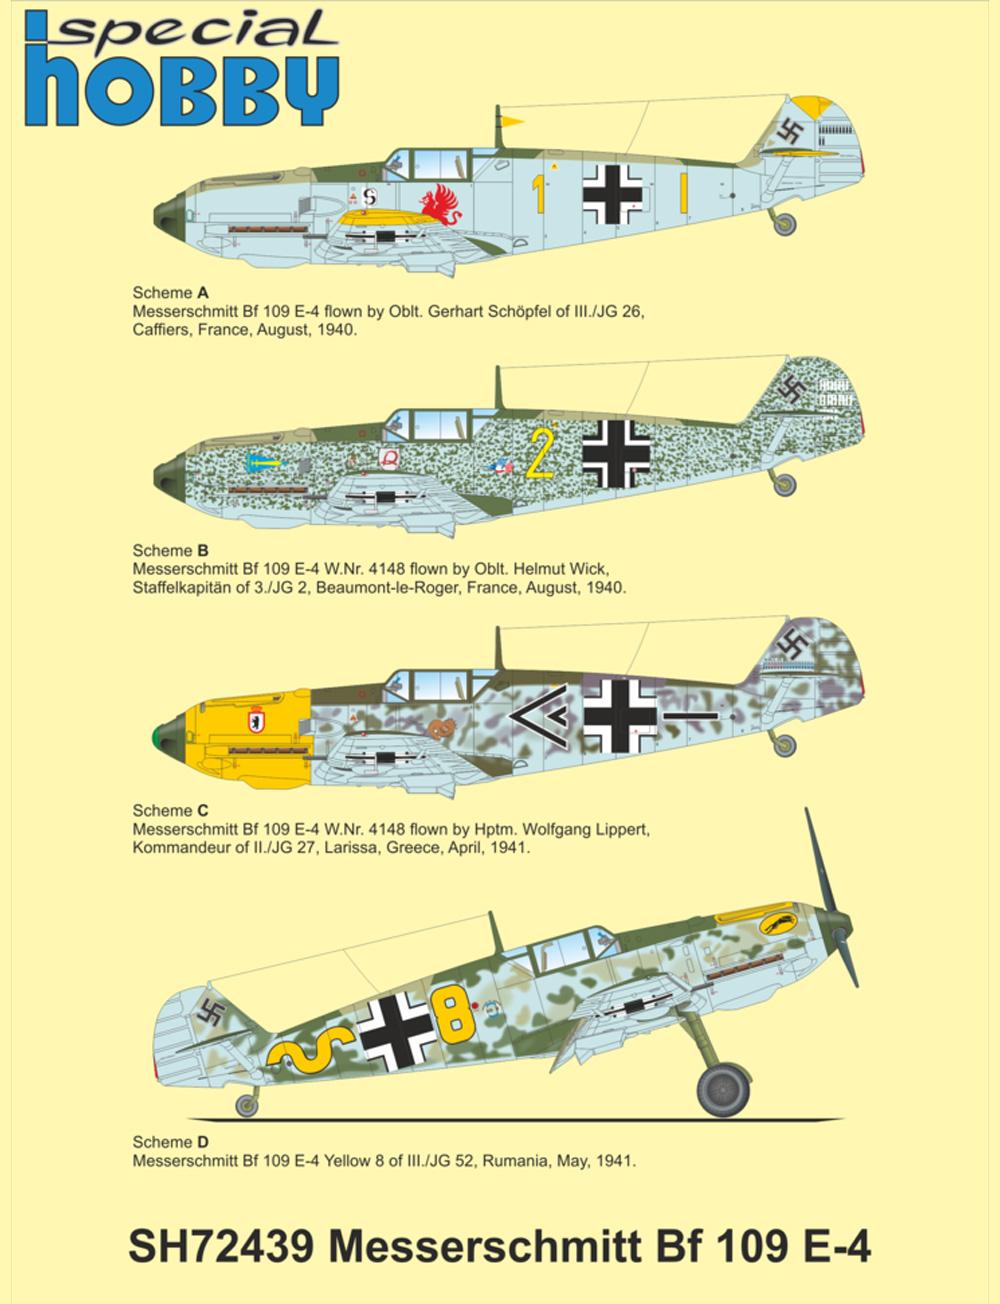 メッサーシュミット Bf109E-4プラモデル(スペシャルホビー1/72 エアクラフト プラモデルNo.SH72439)商品画像_3